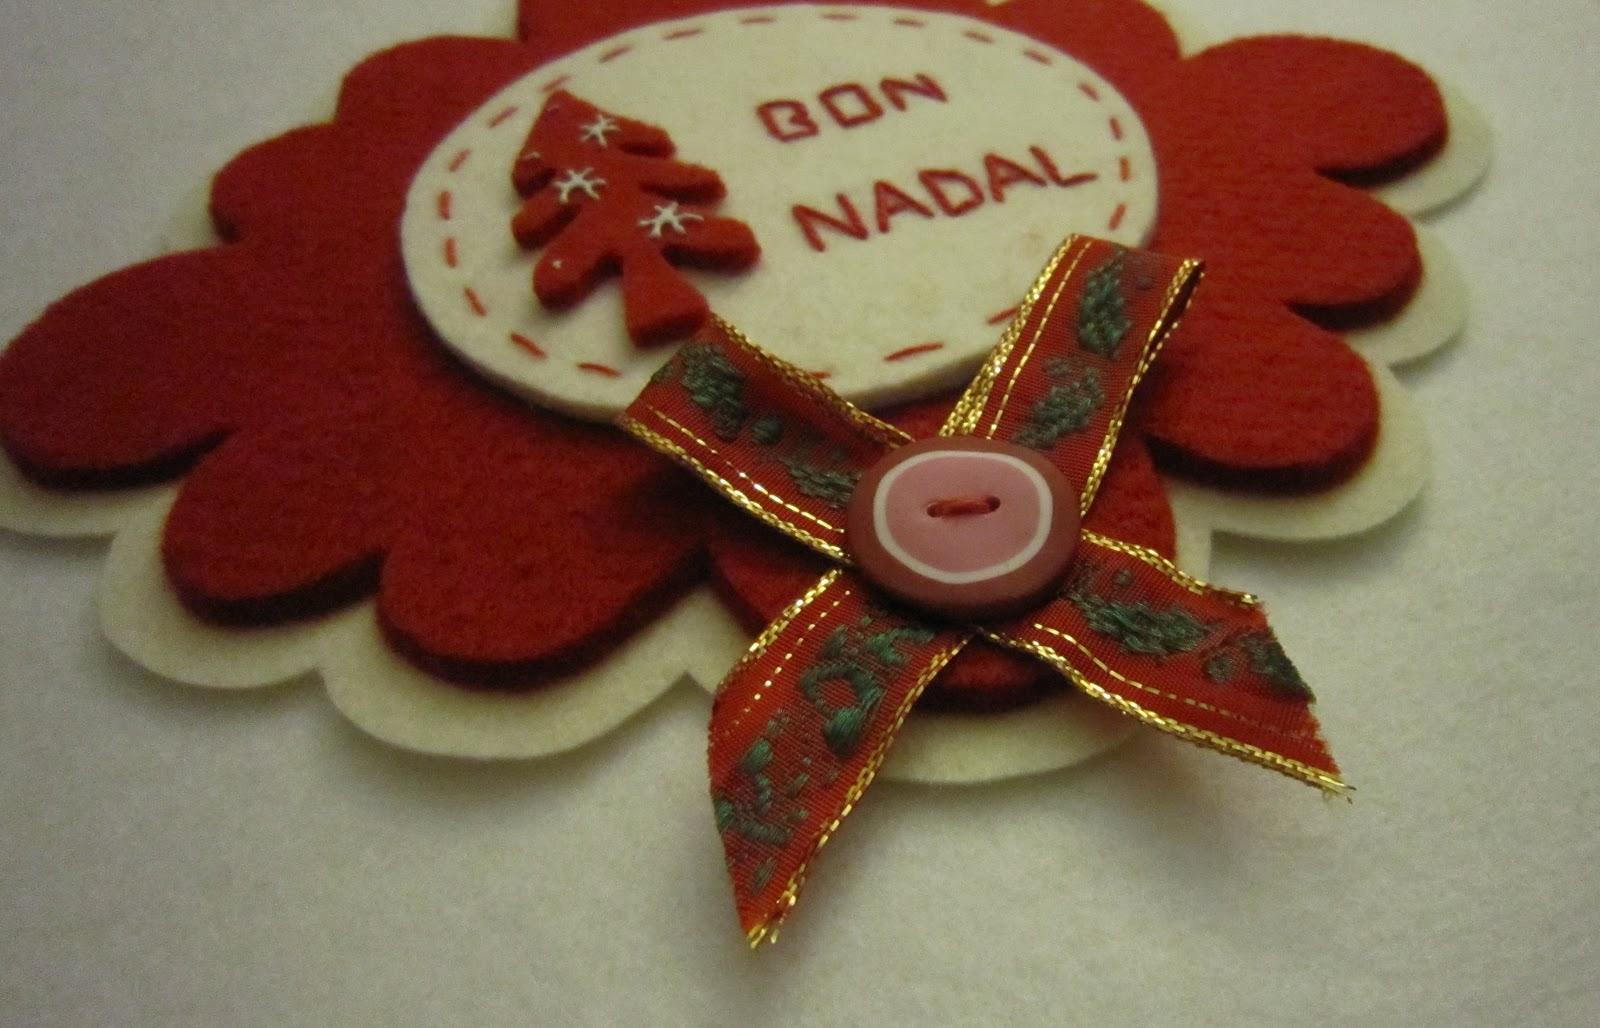 adornos navidenos artesanales maricuch bricas adornos navide os artesanales